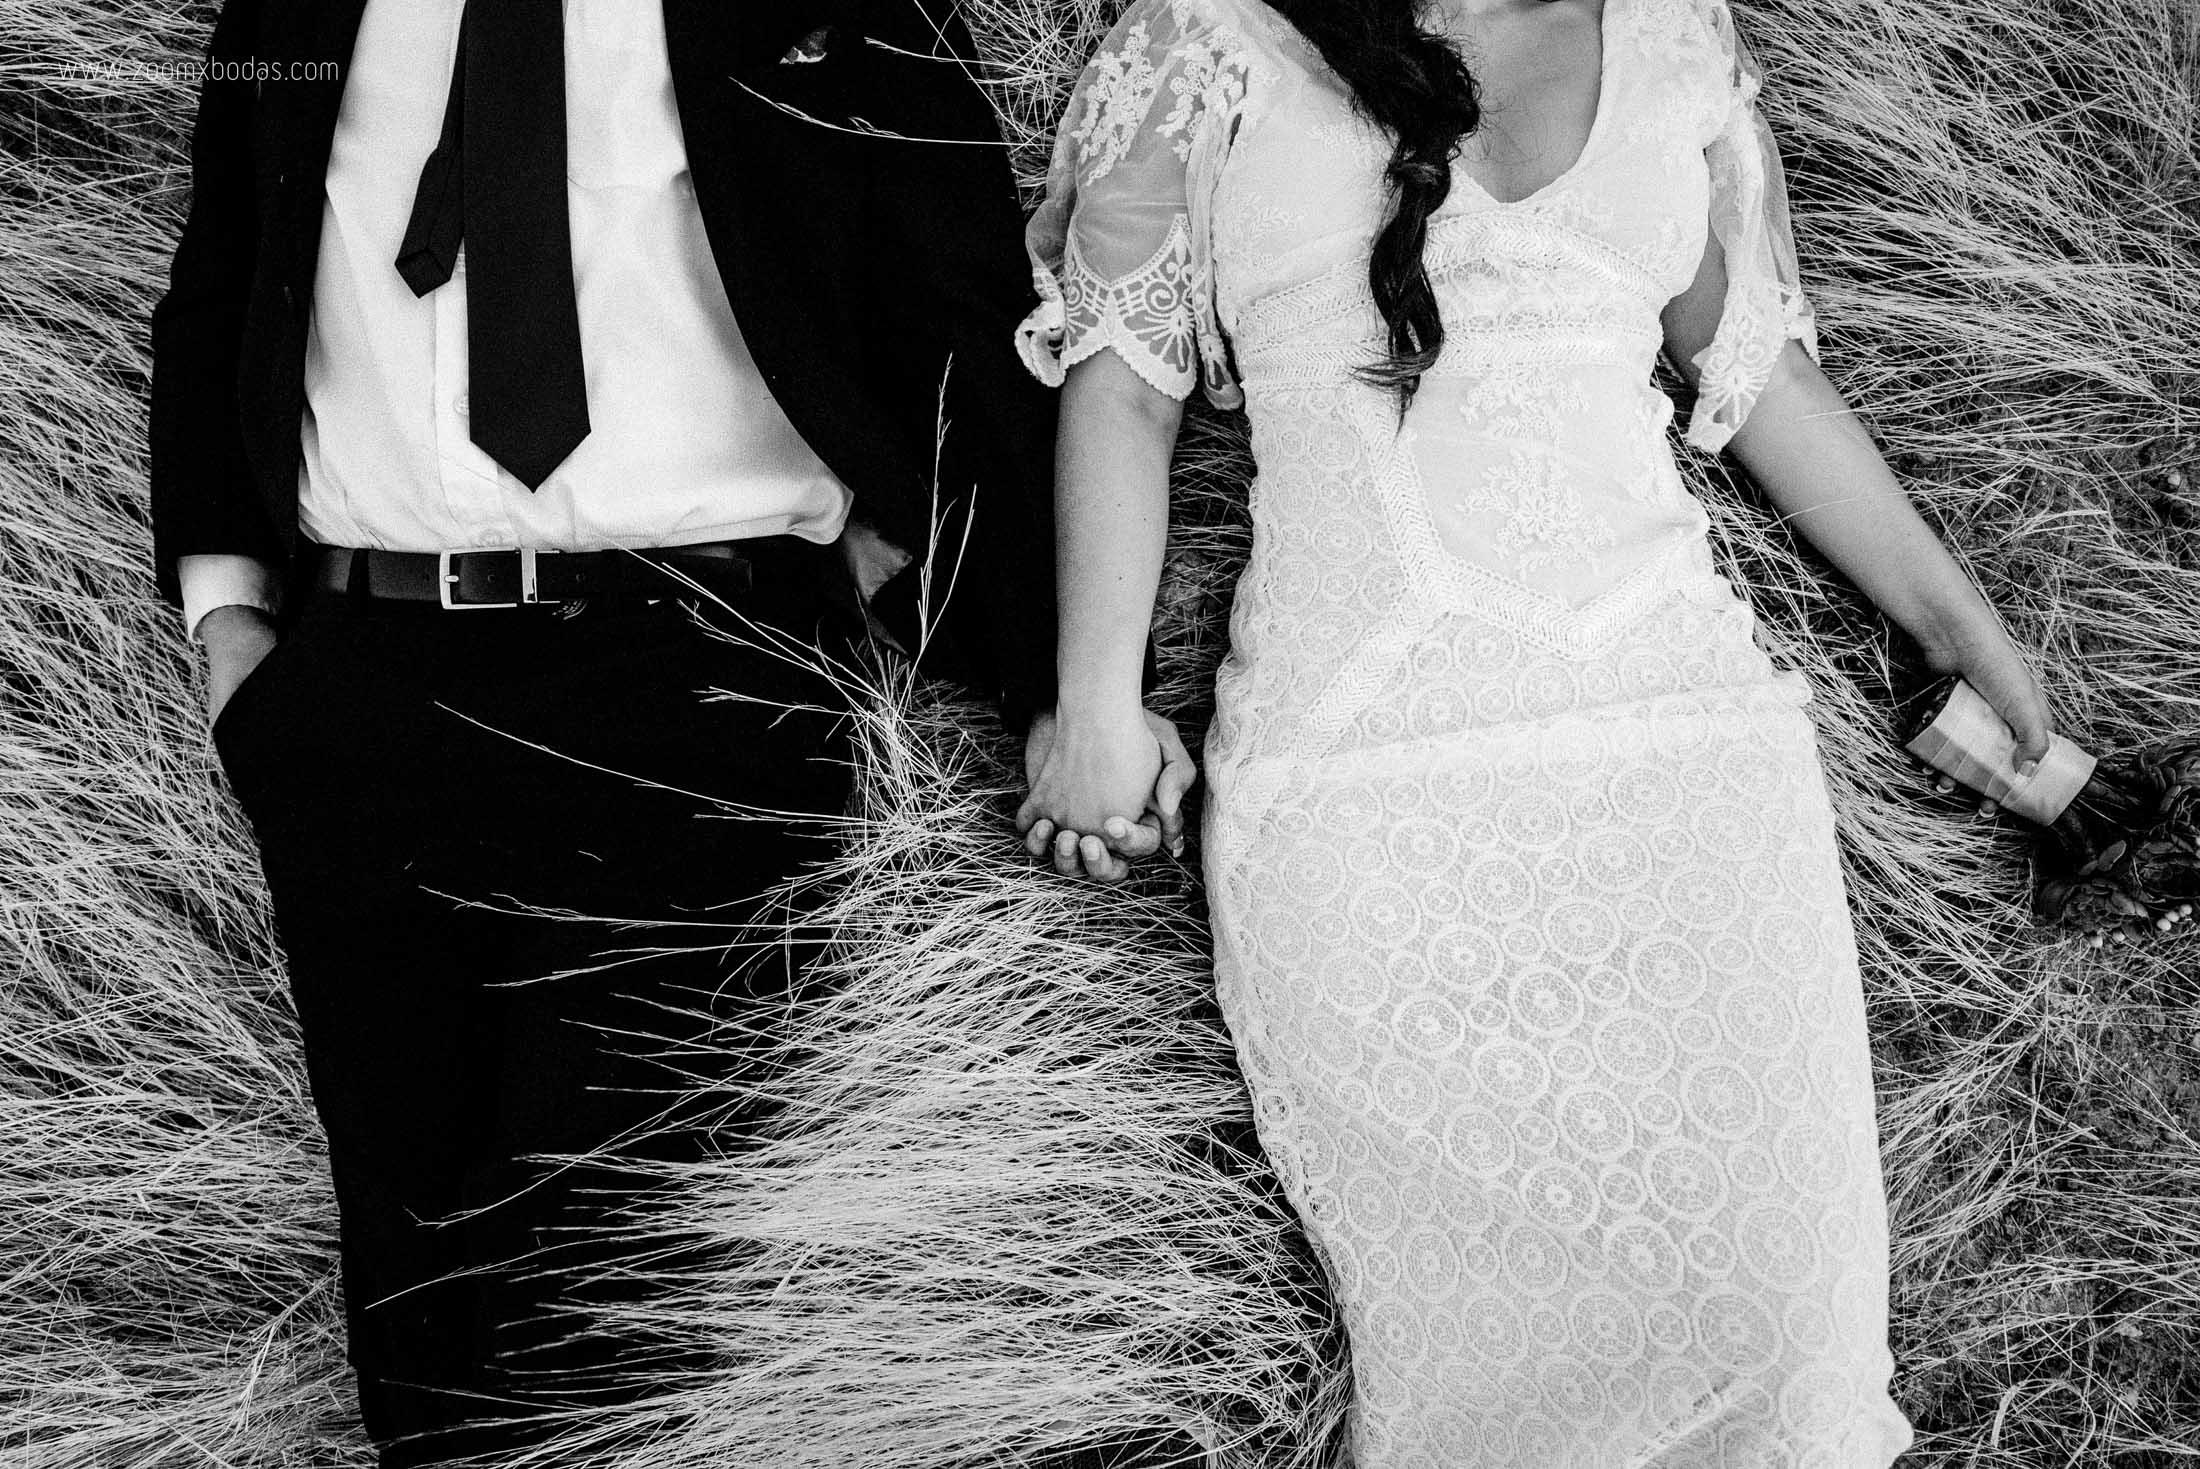 preboda lya y walter en mancora, sesion de fotos en mancora, preboda en mancora, fotografo de bodas en piura, fotografo en piura, video de bodas en piura, video de bodas en el norte, fotografo profesional de bodas, sesiones de fotos, novias en piura, vestidos de novia en piura, zoomx studio, erick ruiz, mancora